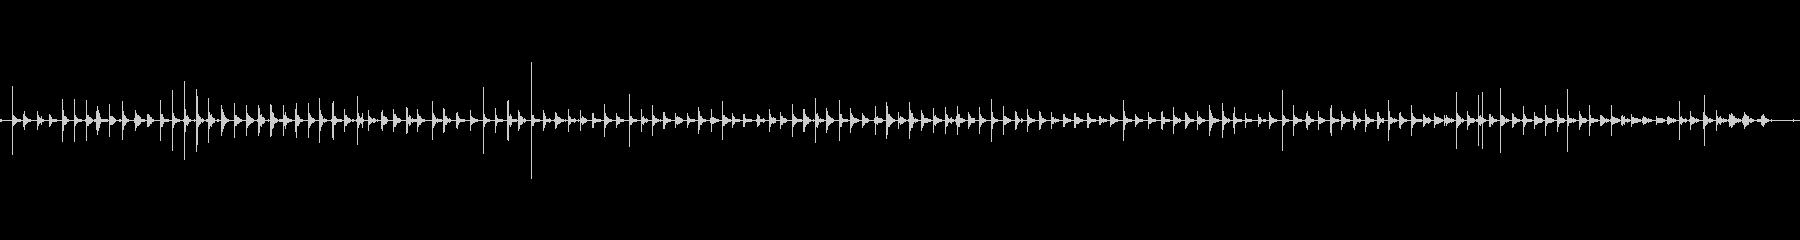 バイノーラル足音走るスニーカー女性左の未再生の波形